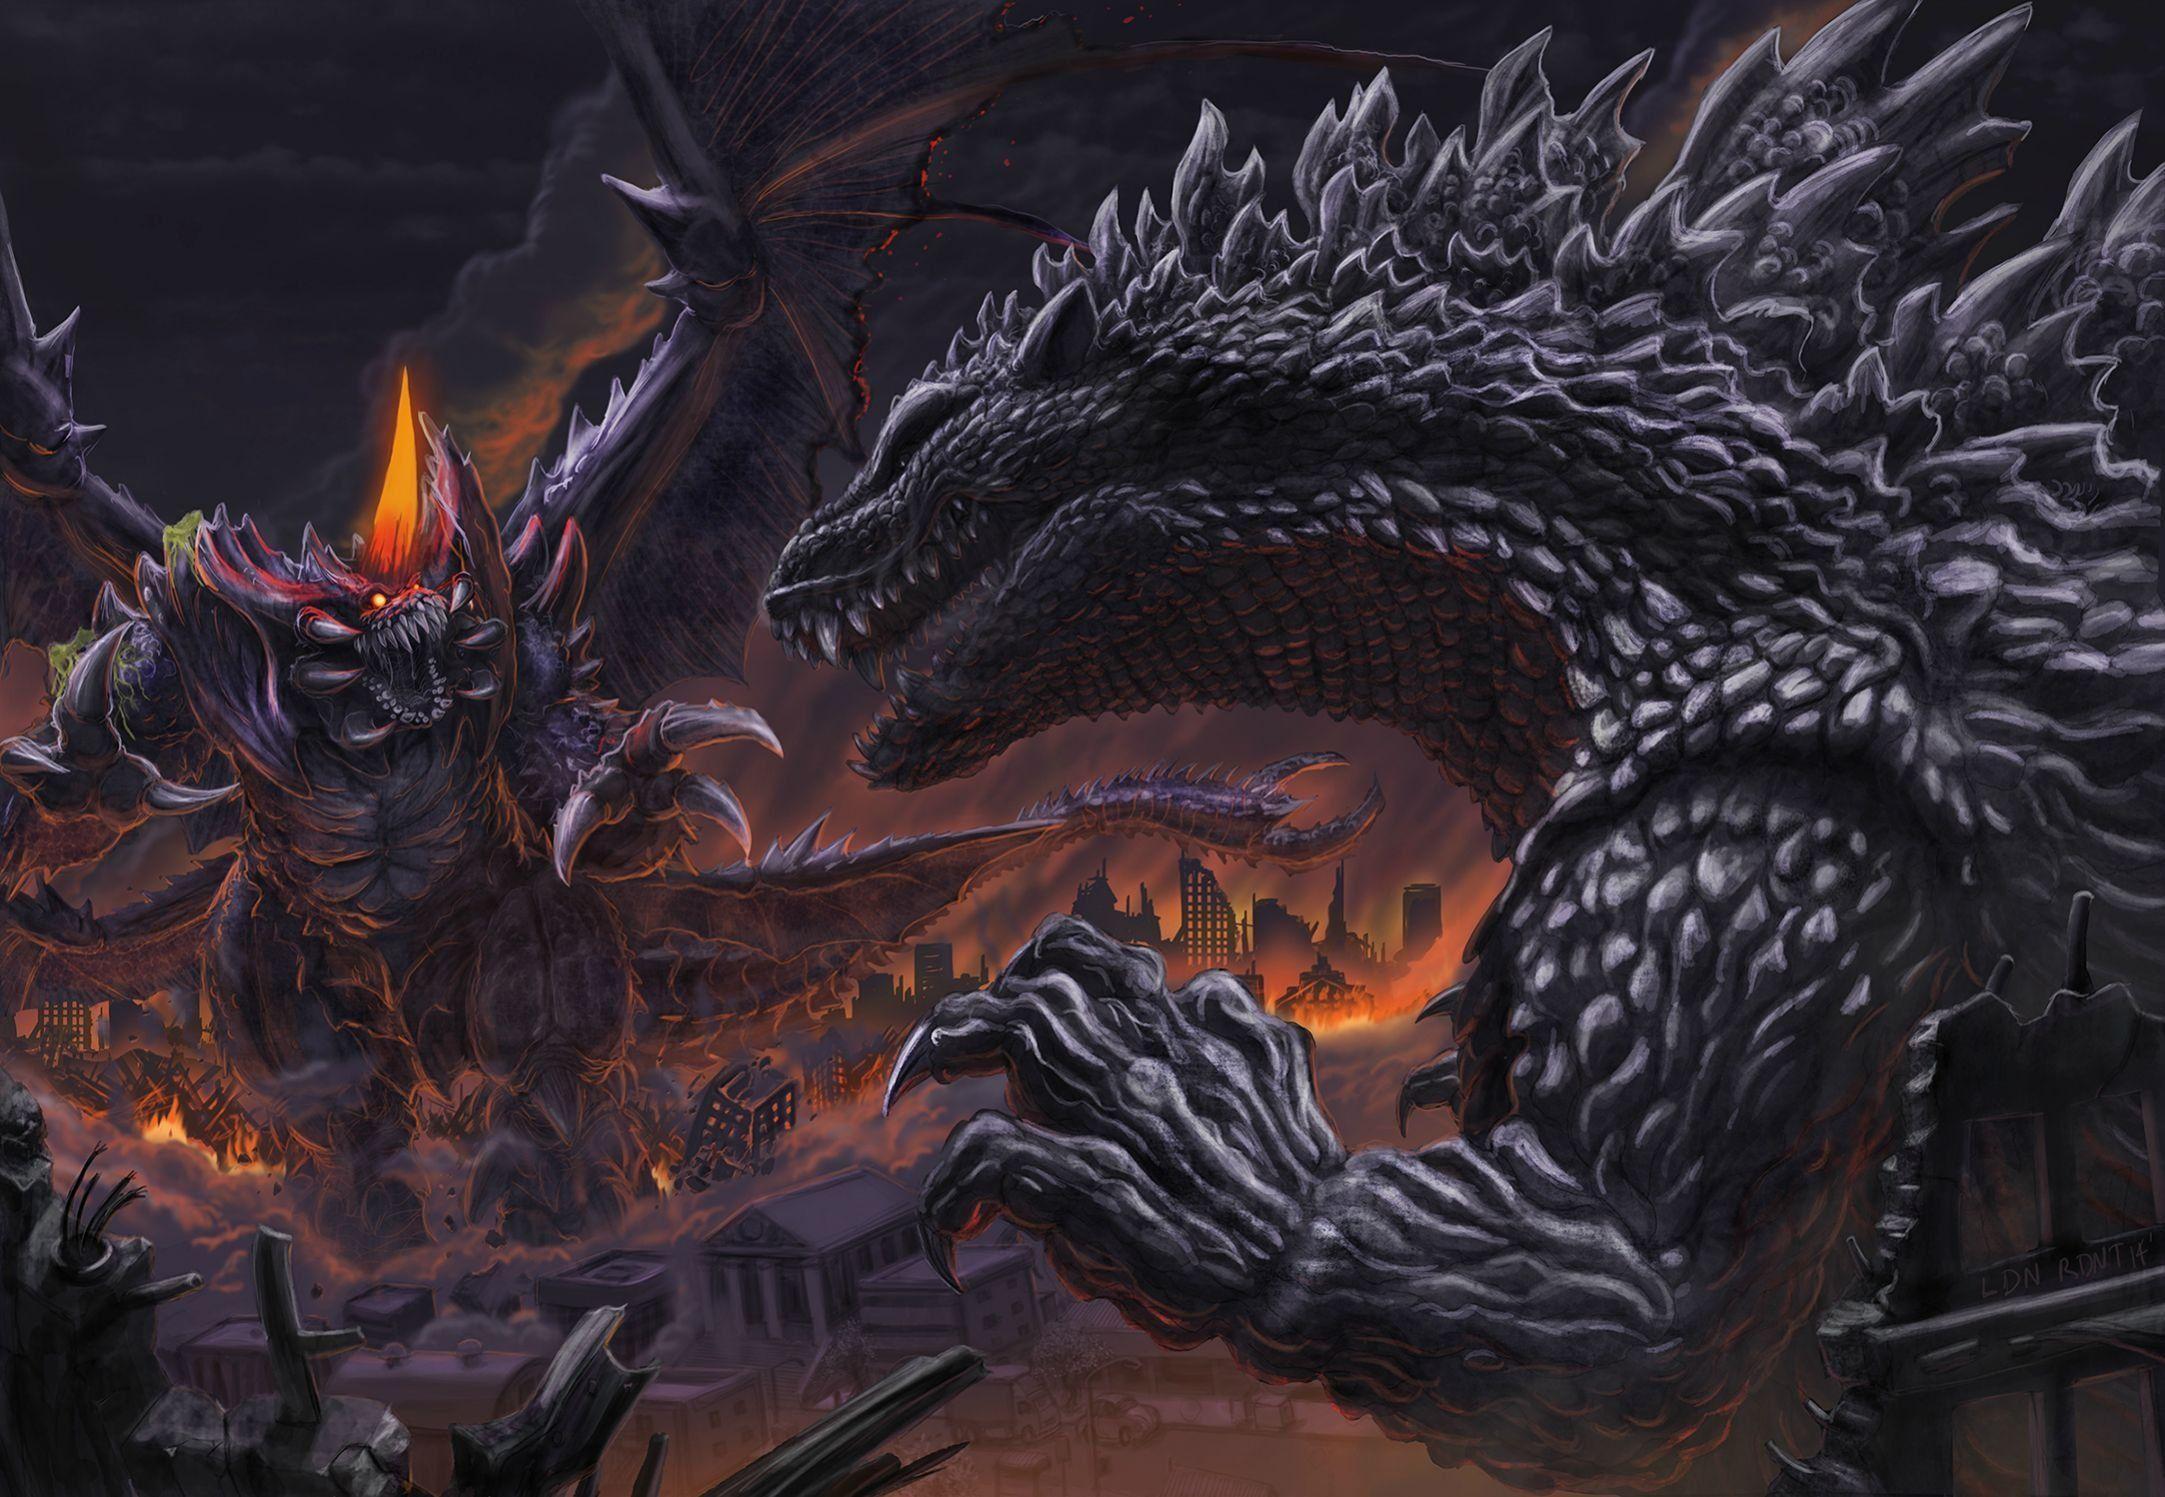 2165x1497 Hình nền Godzilla mát mẻ - tải xuống miễn phí